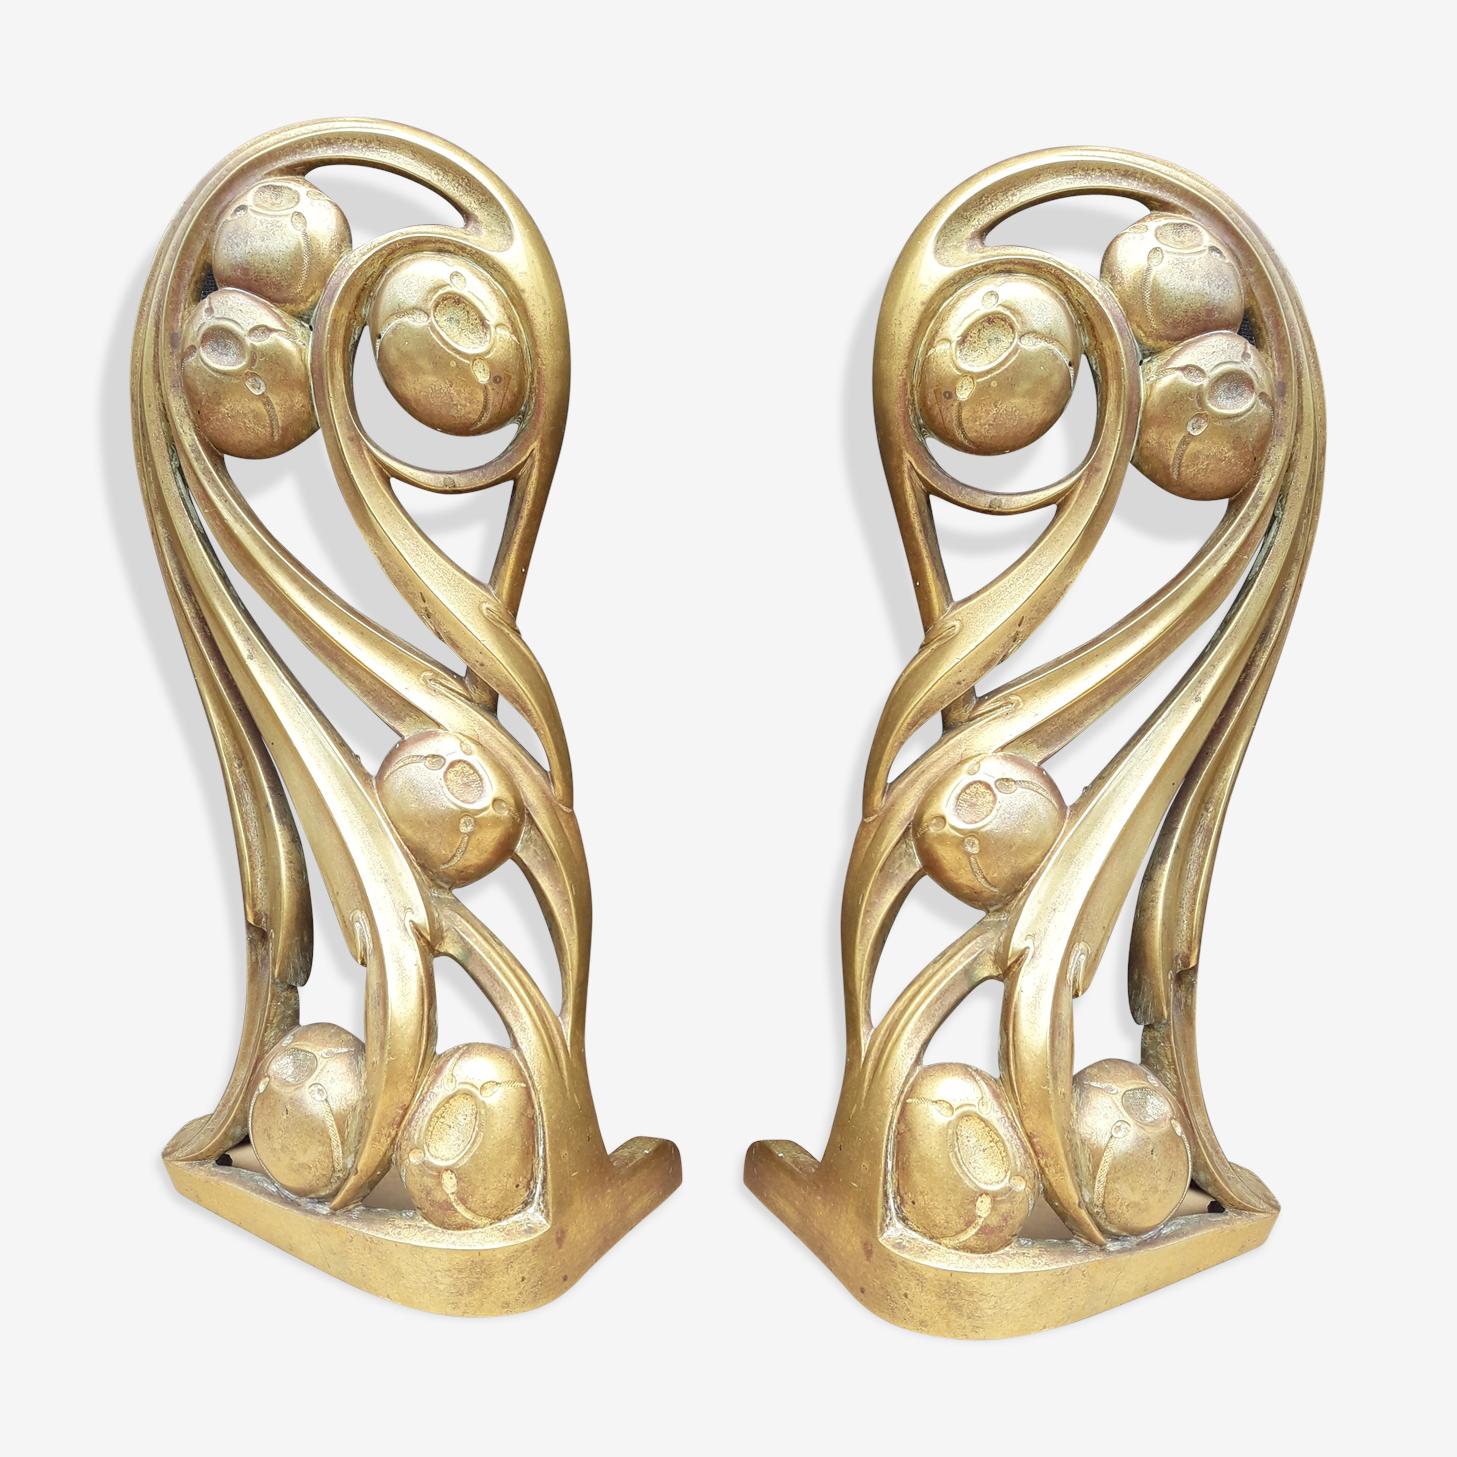 Paire de bronzes - Louis Majorelle - (1859 - 1926)